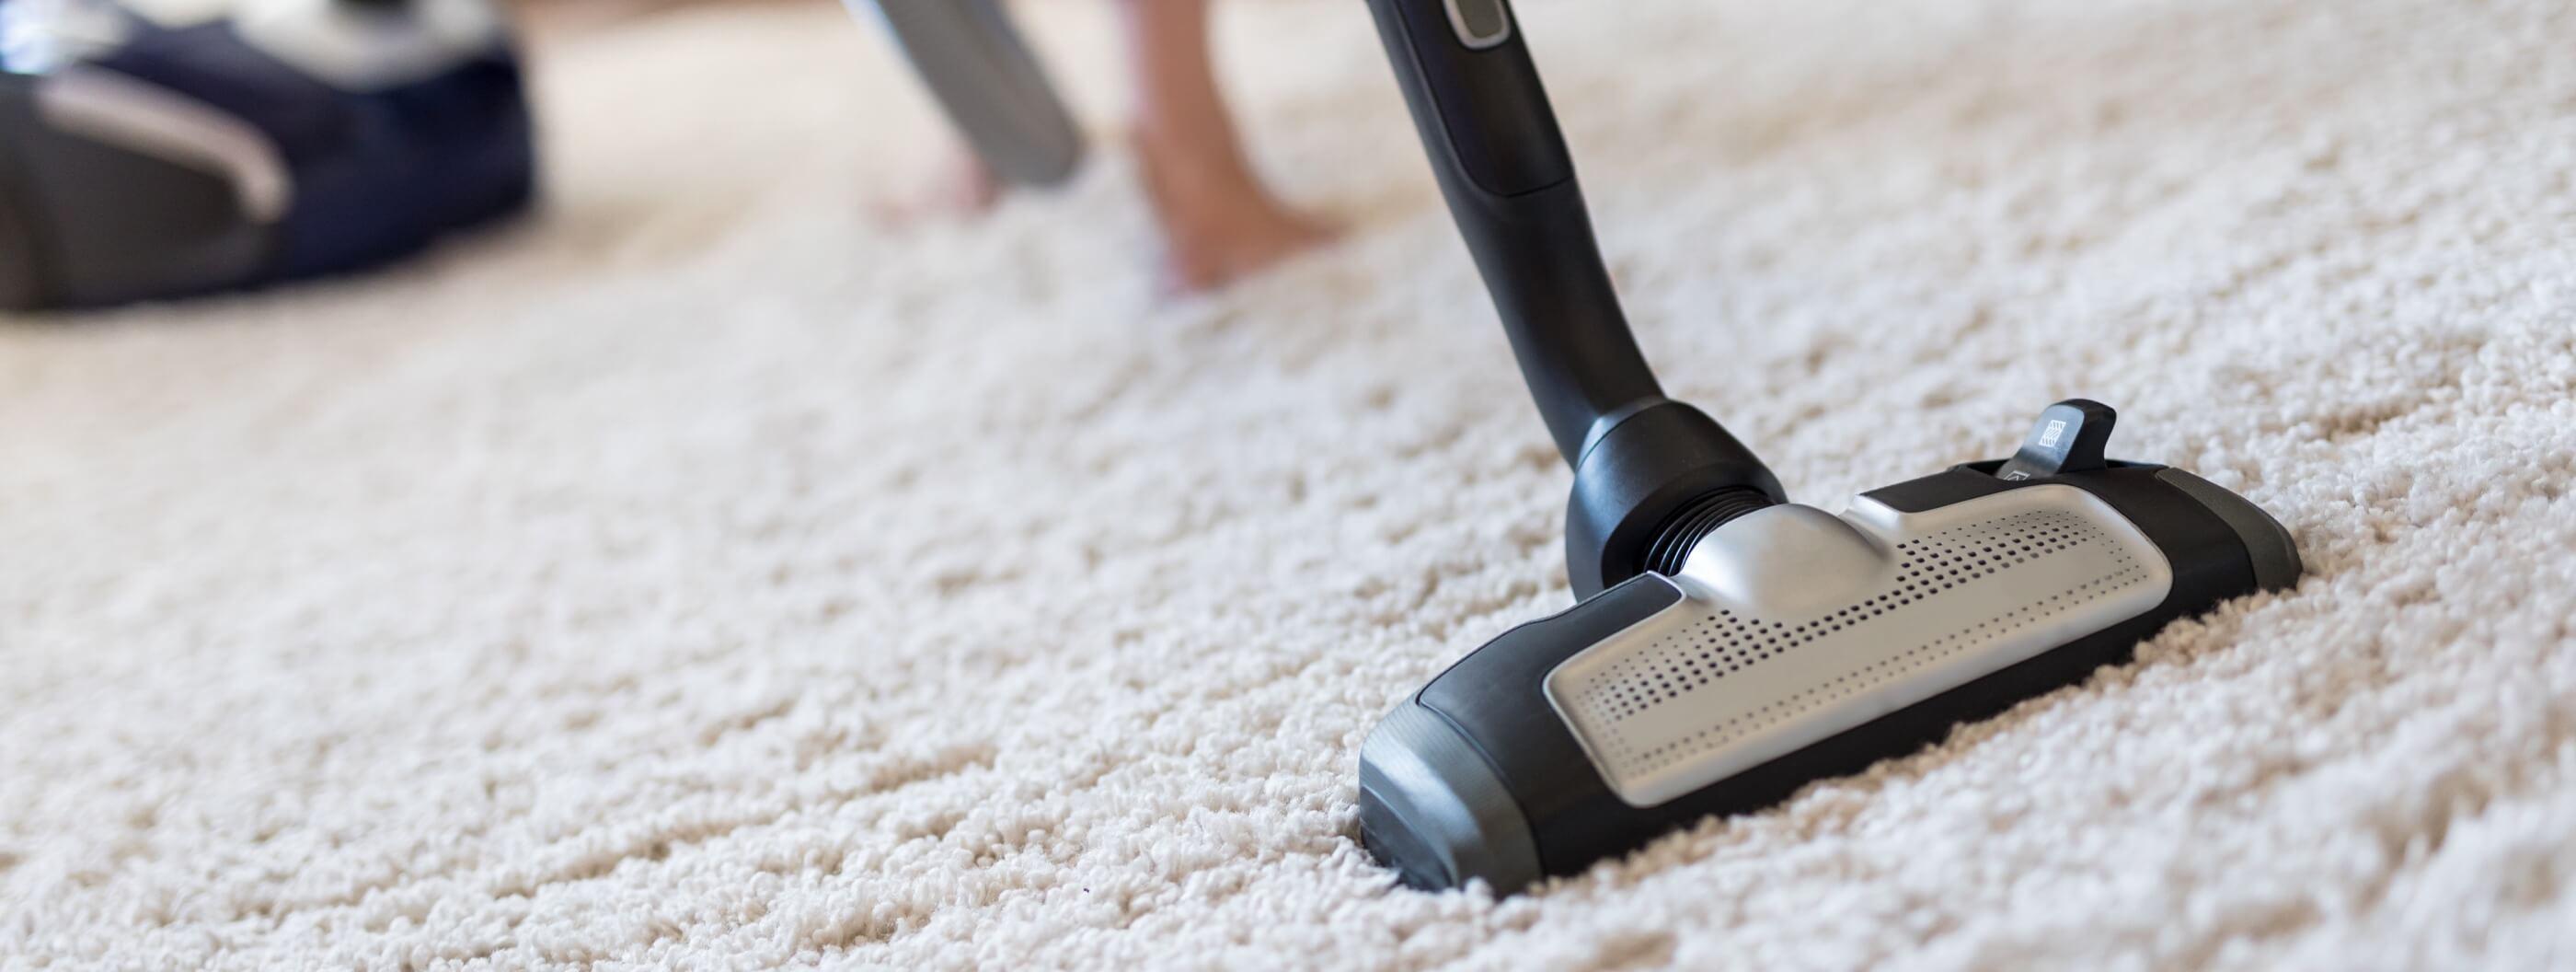 ¿Cómo limpiar alfombras?